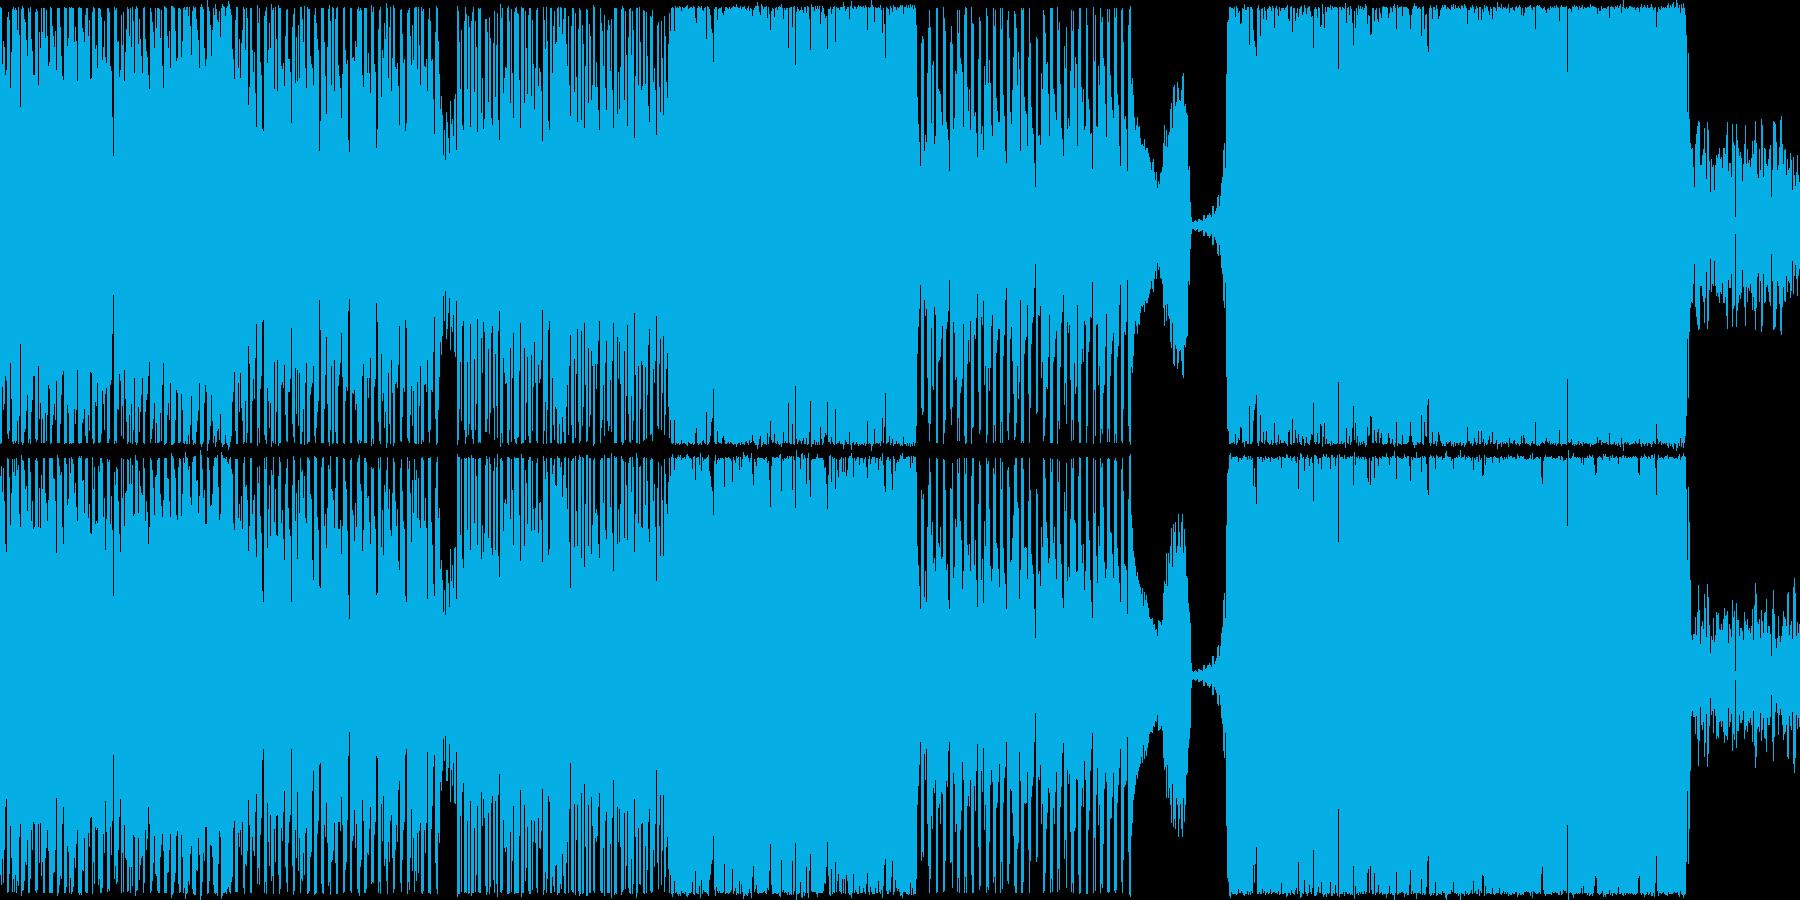 【ループ仕様】スピード感重視のバトル曲の再生済みの波形